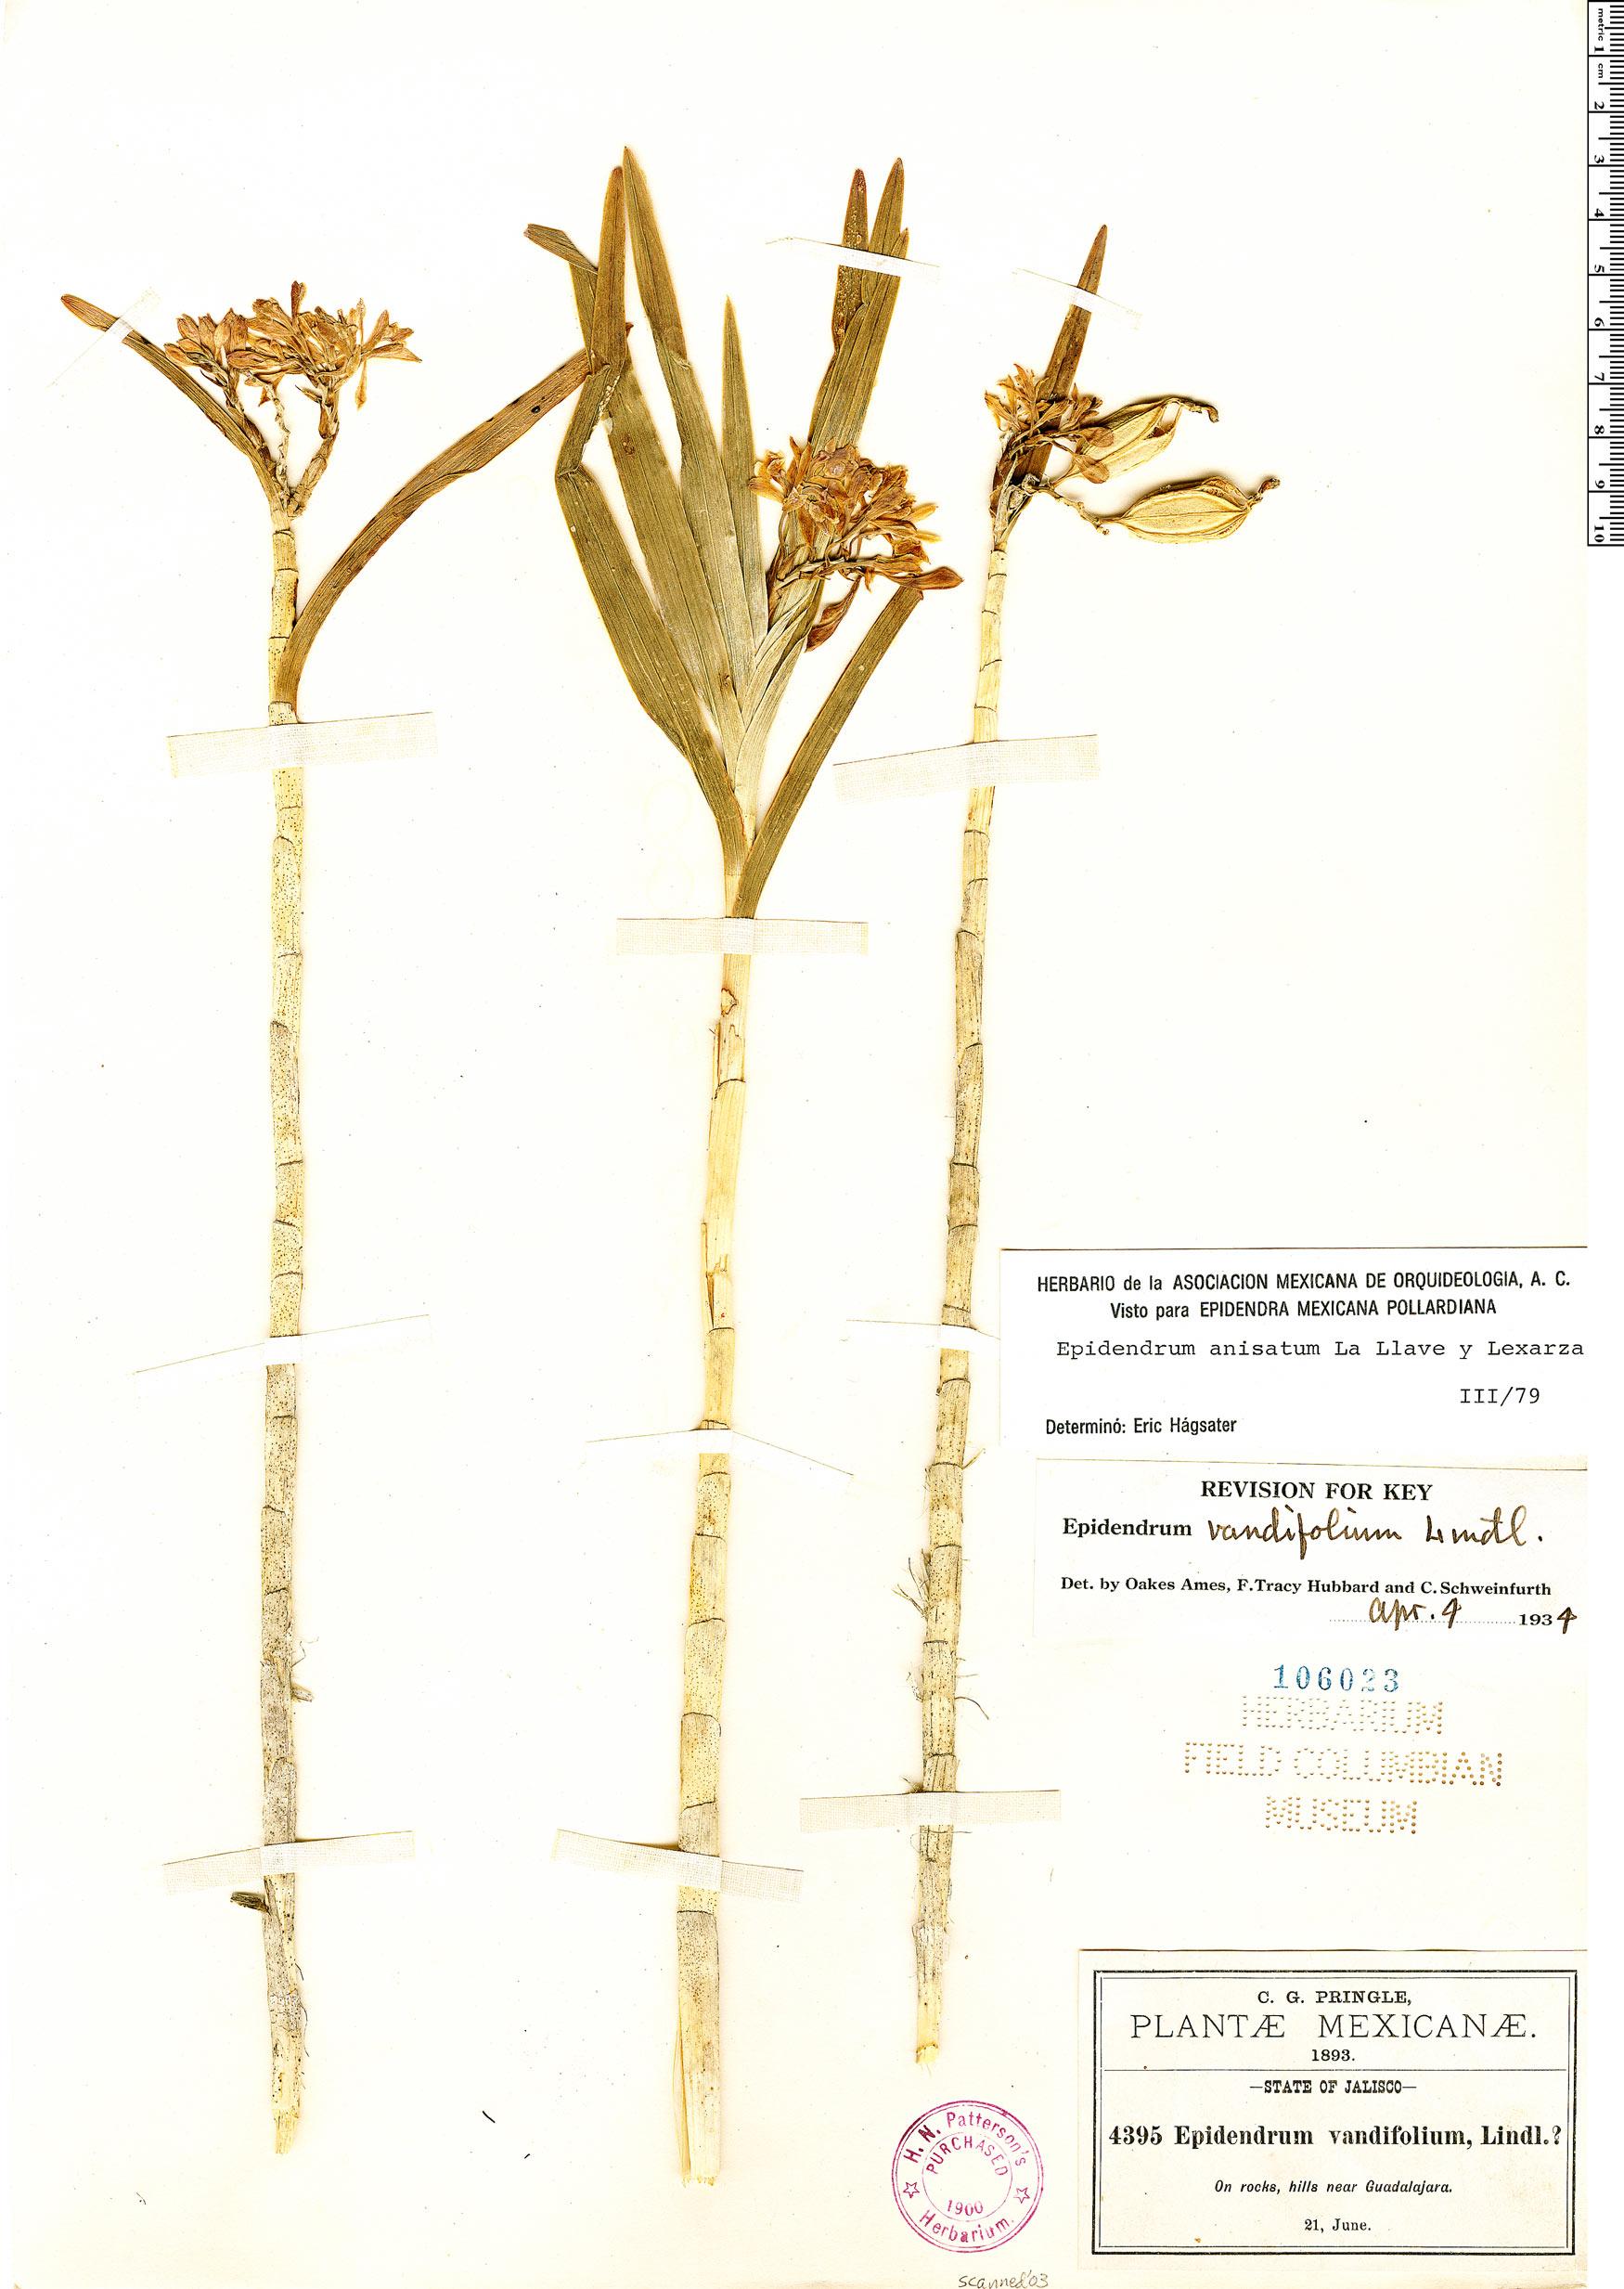 Specimen: Epidendrum anisatum